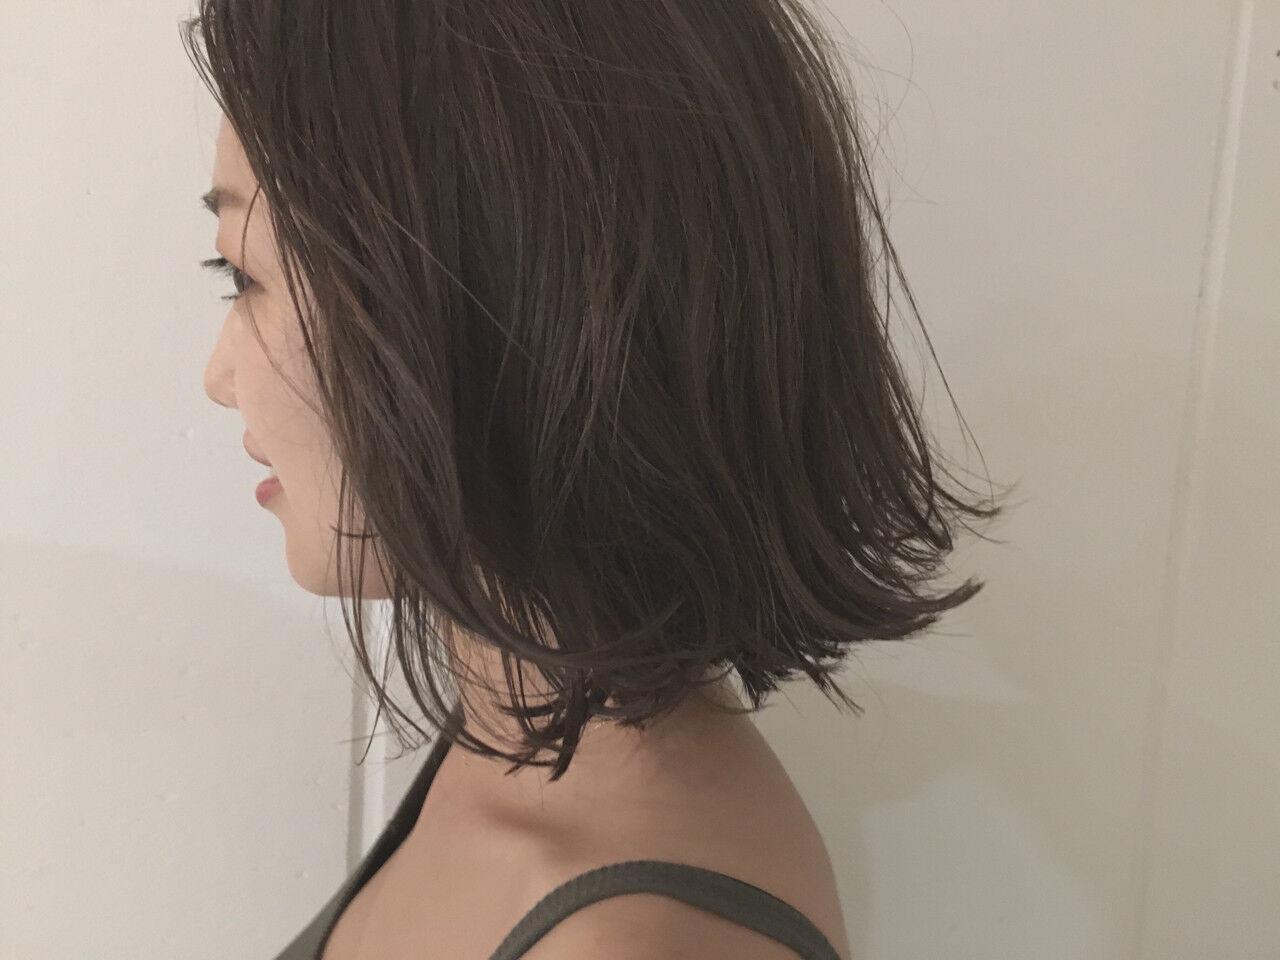 ミディアム アッシュ ロブ 暗髪ヘアスタイルや髪型の写真・画像